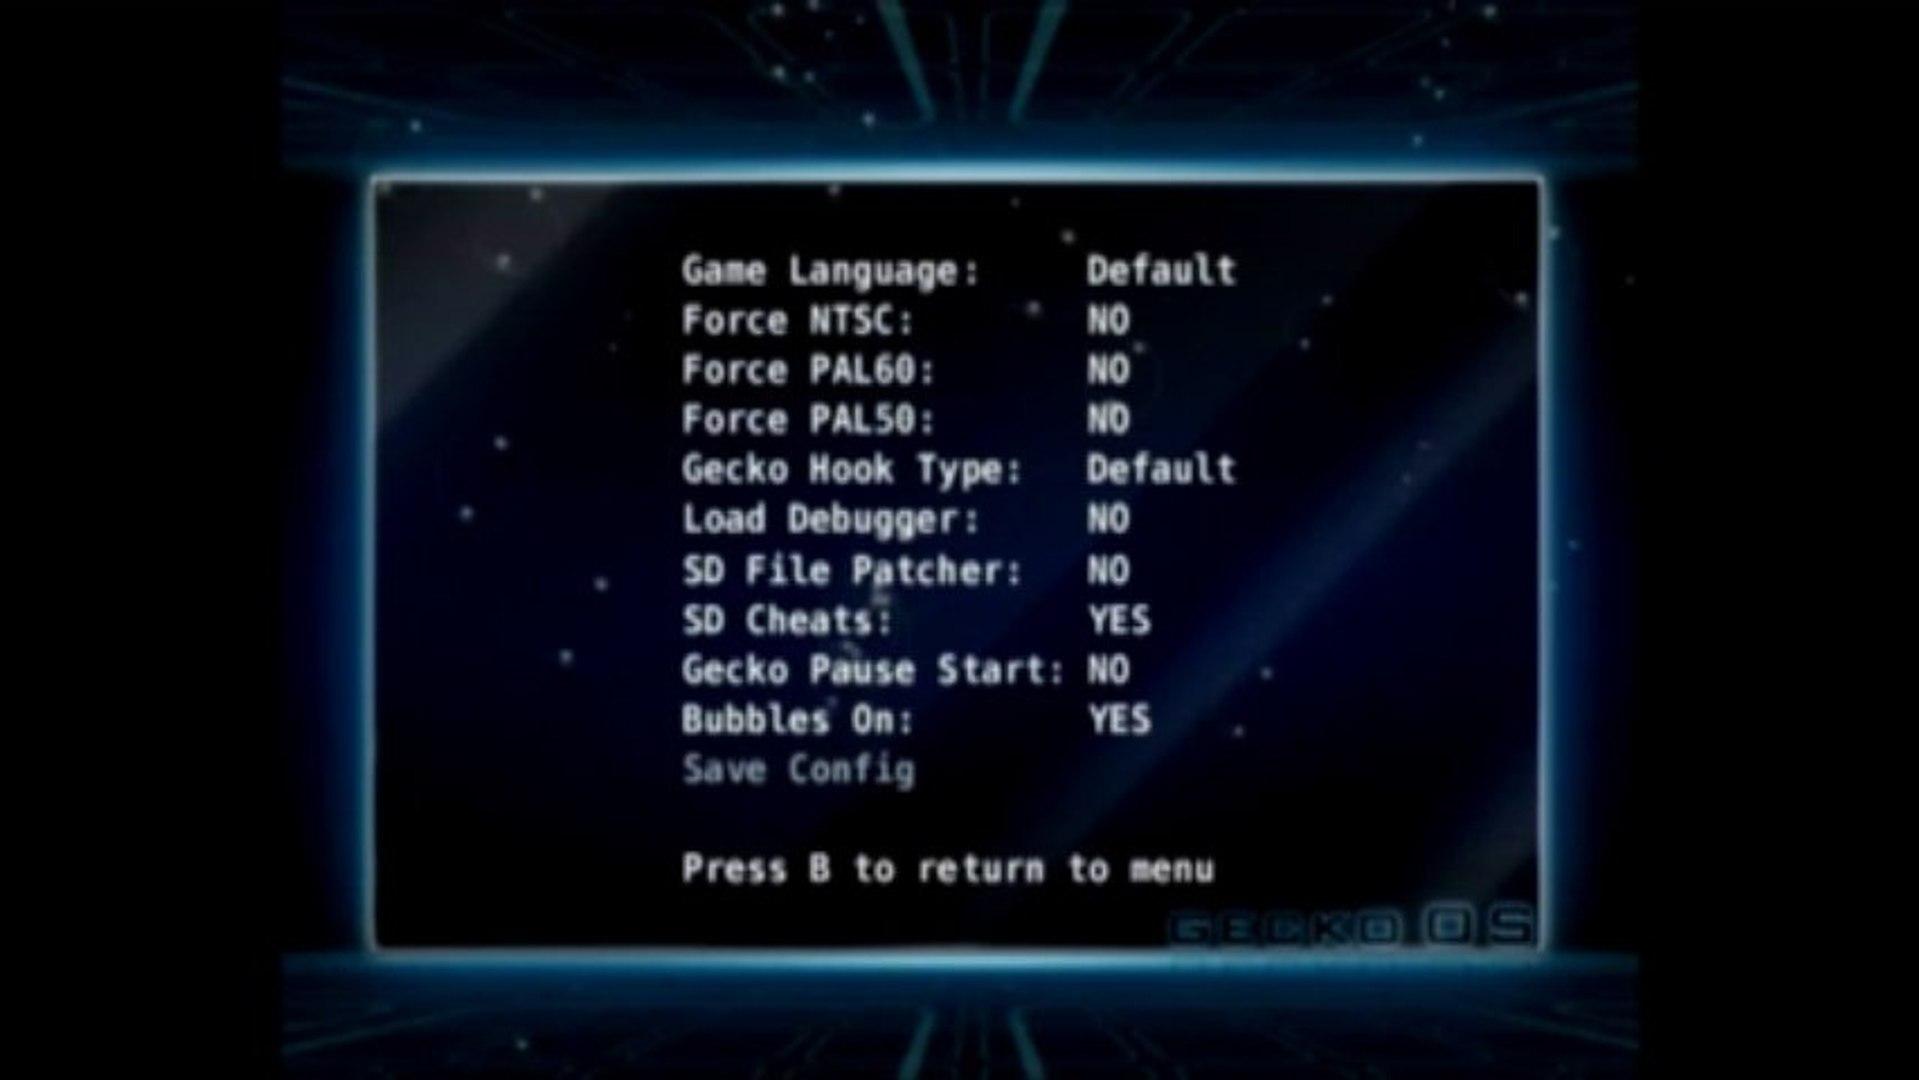 OS-louise Theme for Gecko OS - Wii